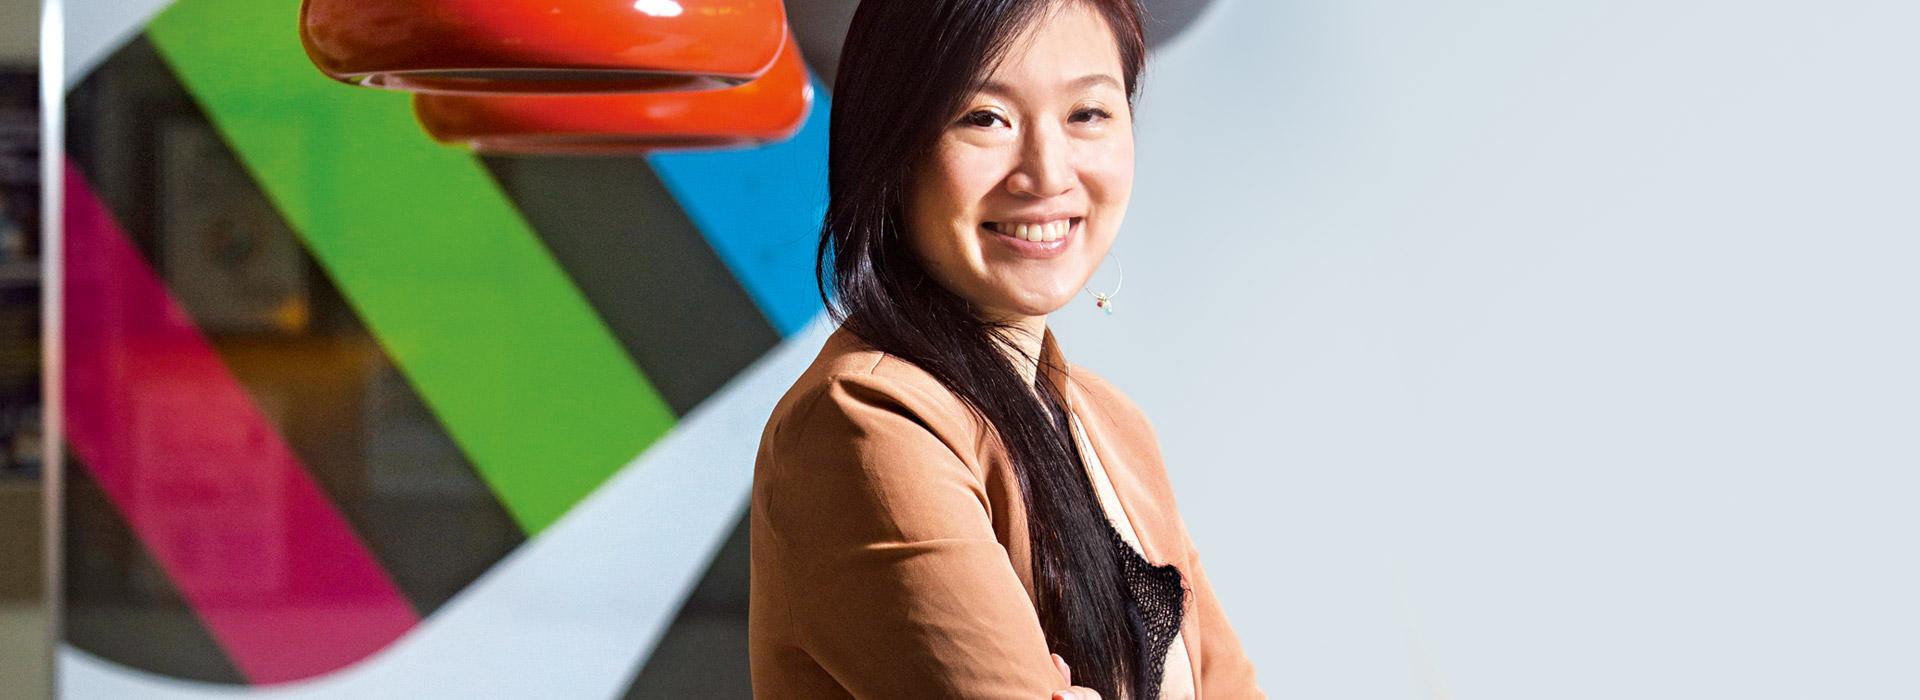 IBM女副總的「不犧牲」哲學 讓家庭與事業完美兼顧